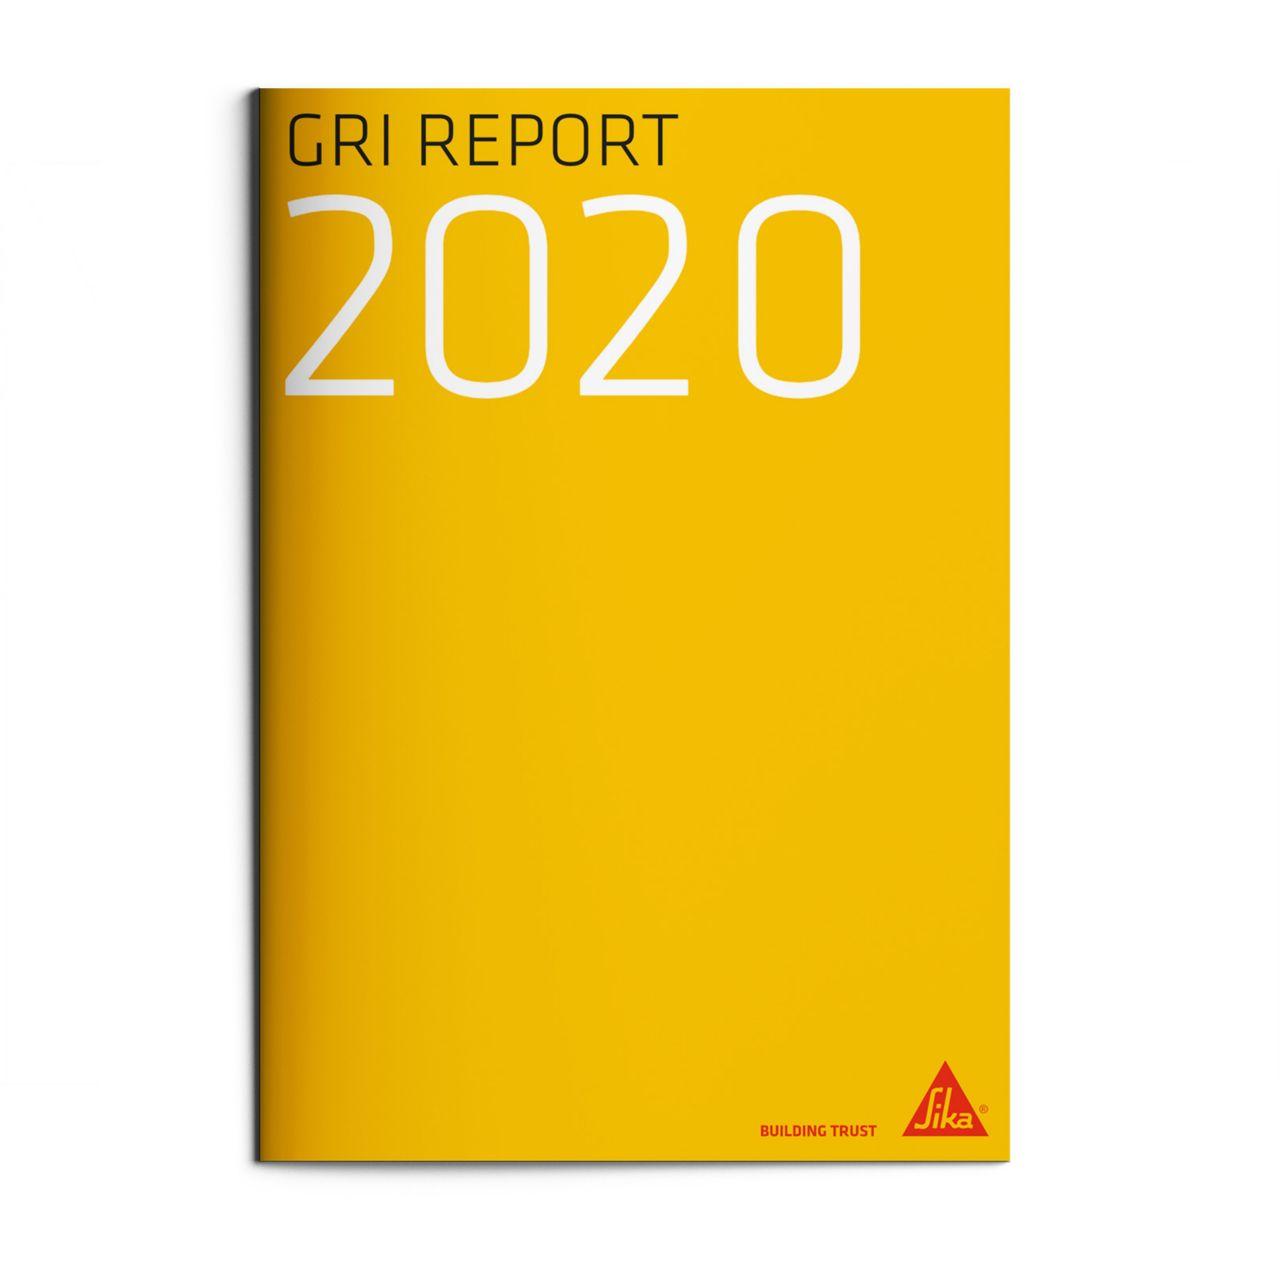 GRI-Bericht 2020 des Sika Konzerns